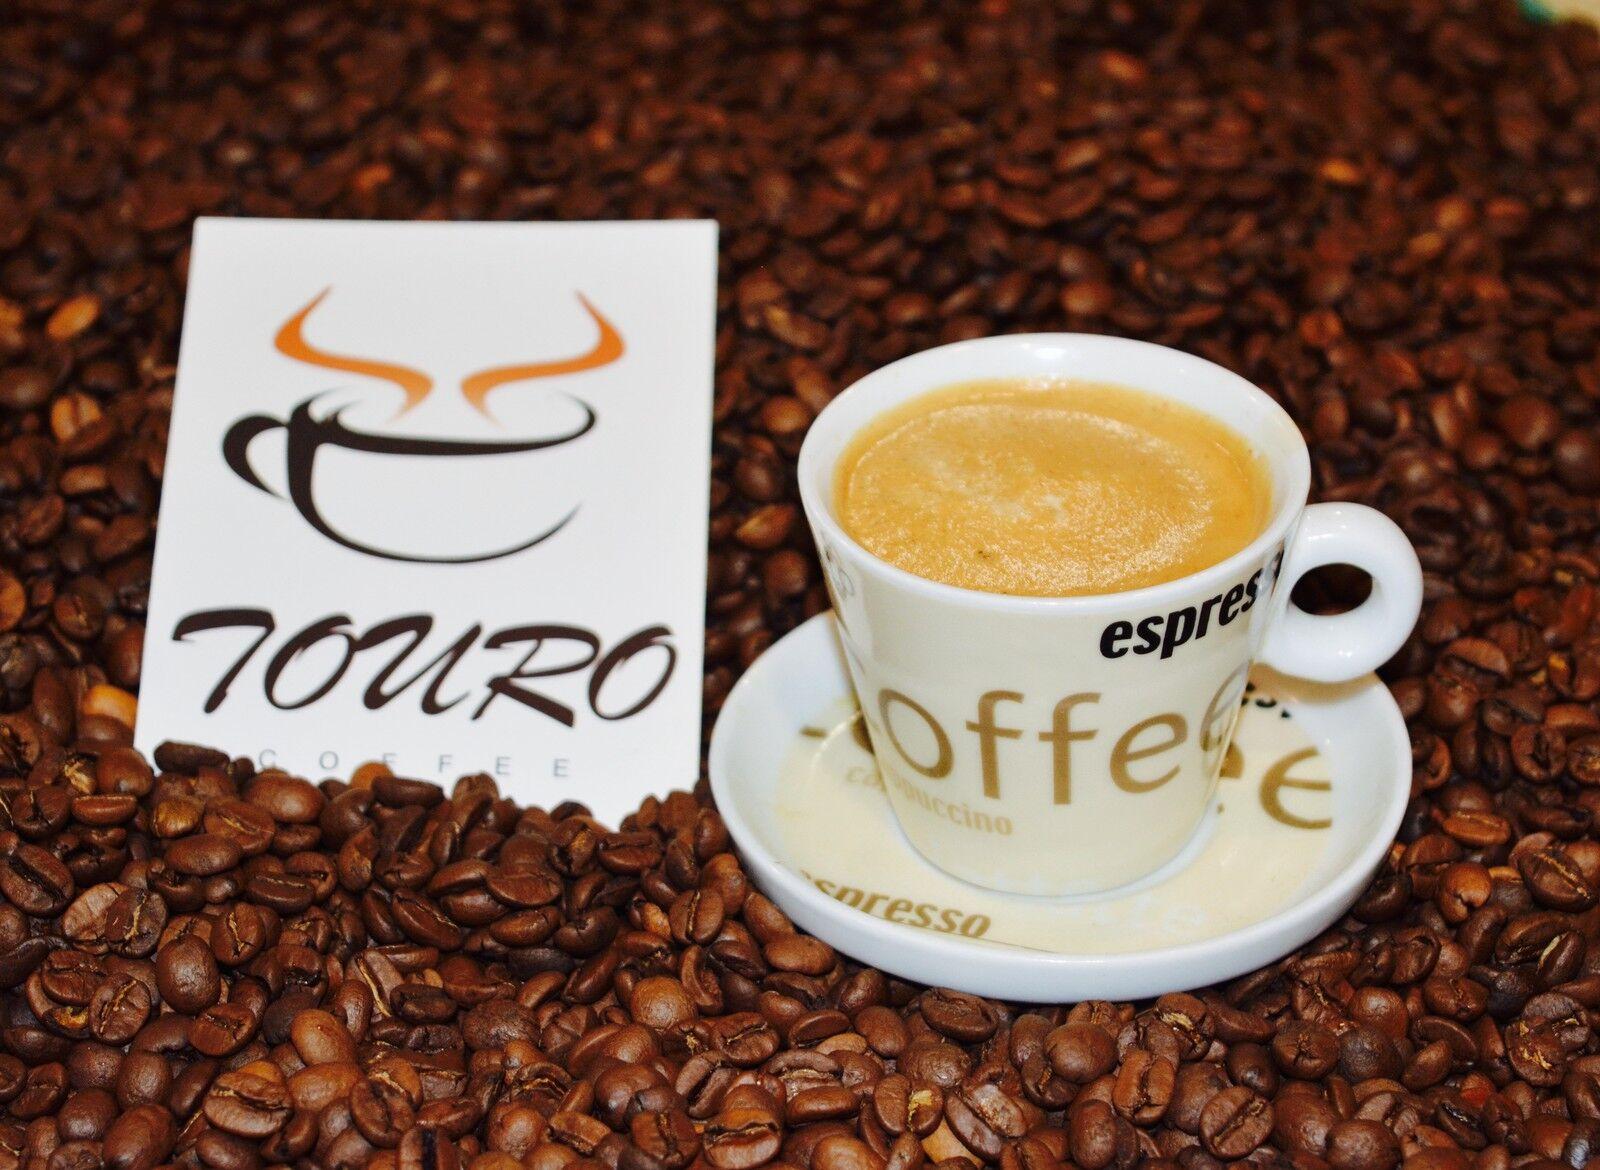 Touro Coffee